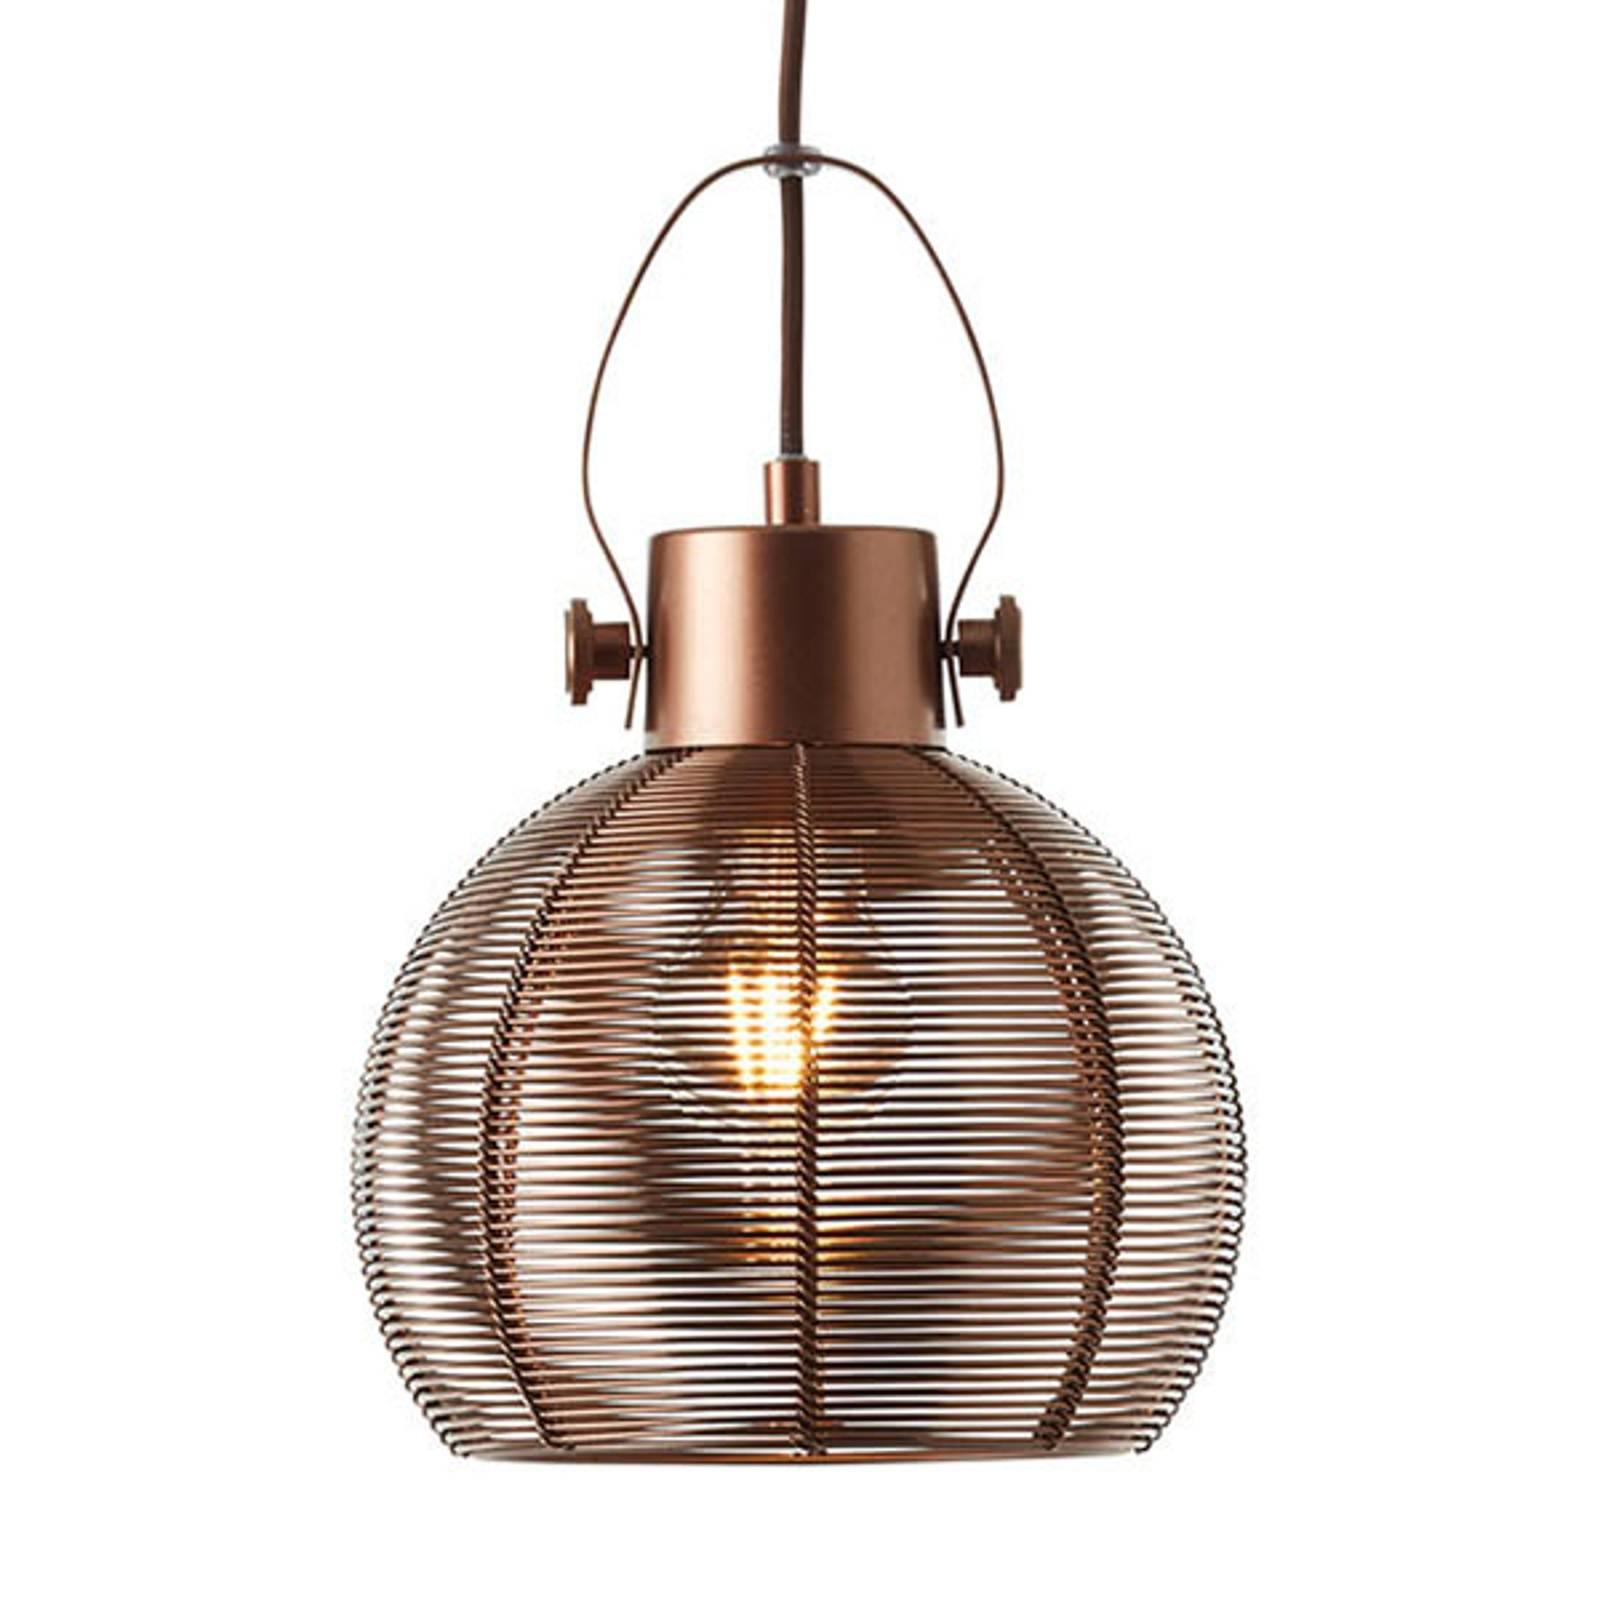 Riippulamppu Sambo häkkivarjostin 1 lampp. ruskea